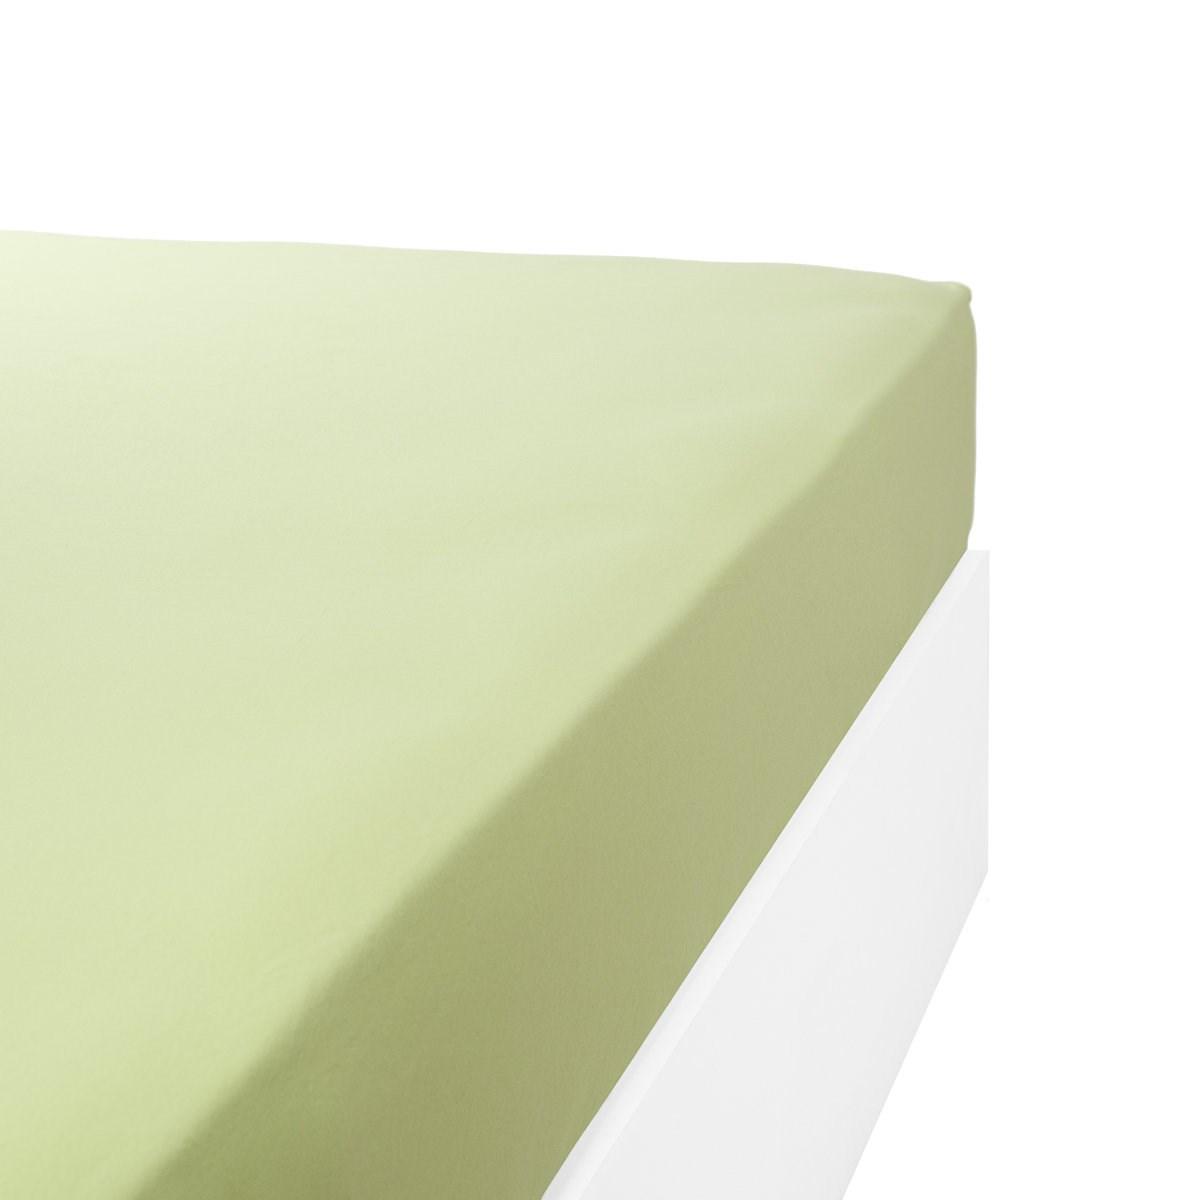 Drap housse jersey extensible en coton vert anis 80x200 cm